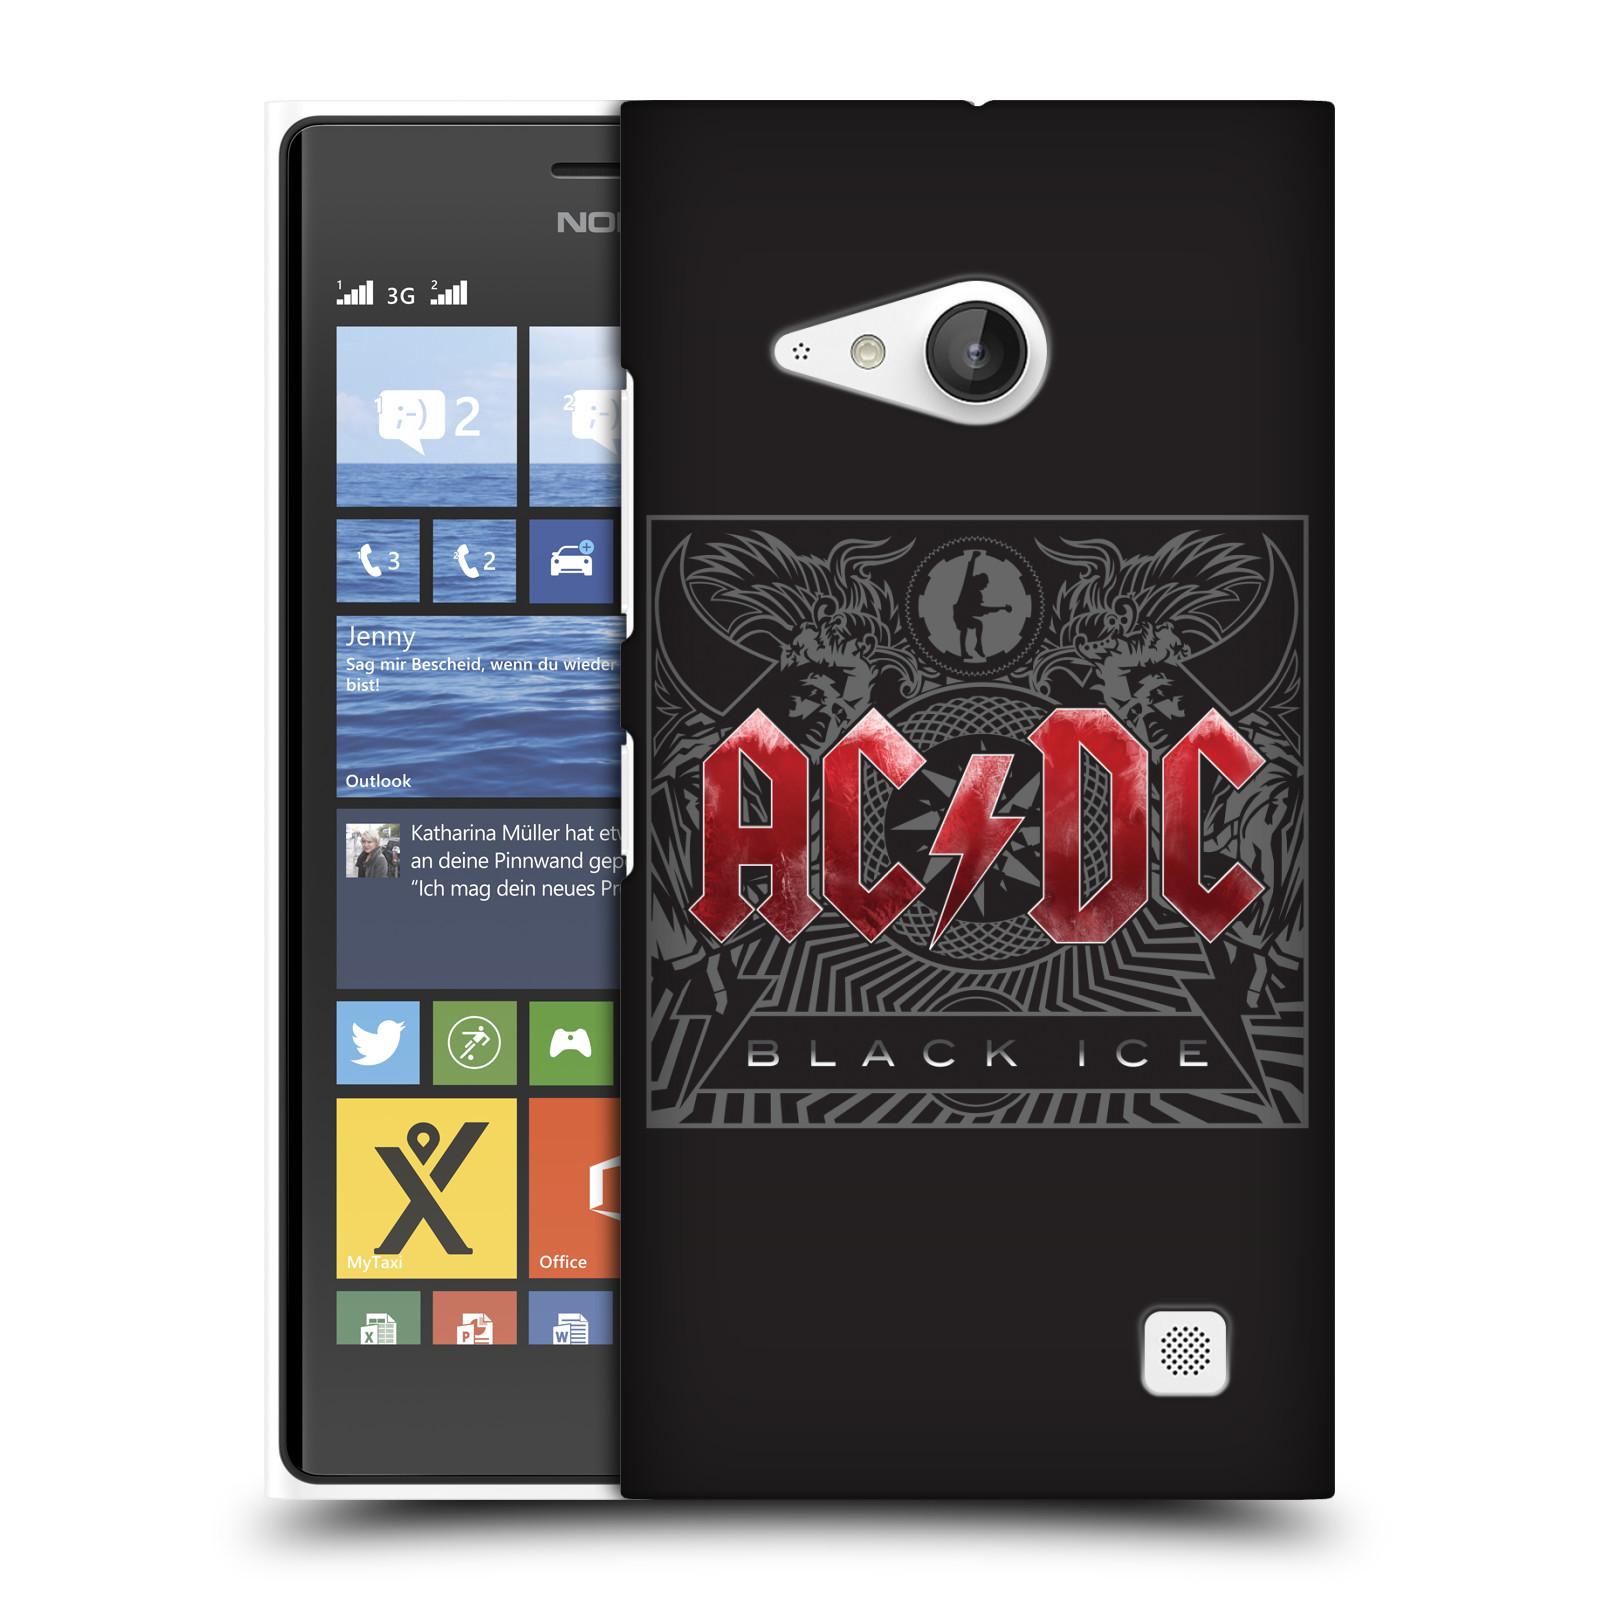 Plastové pouzdro na mobil Nokia Lumia 735 HEAD CASE AC/DC Black Ice (Plastový kryt či obal na mobilní telefon s oficiálním motivem australské skupiny AC/DC pro Nokia Lumia 735)